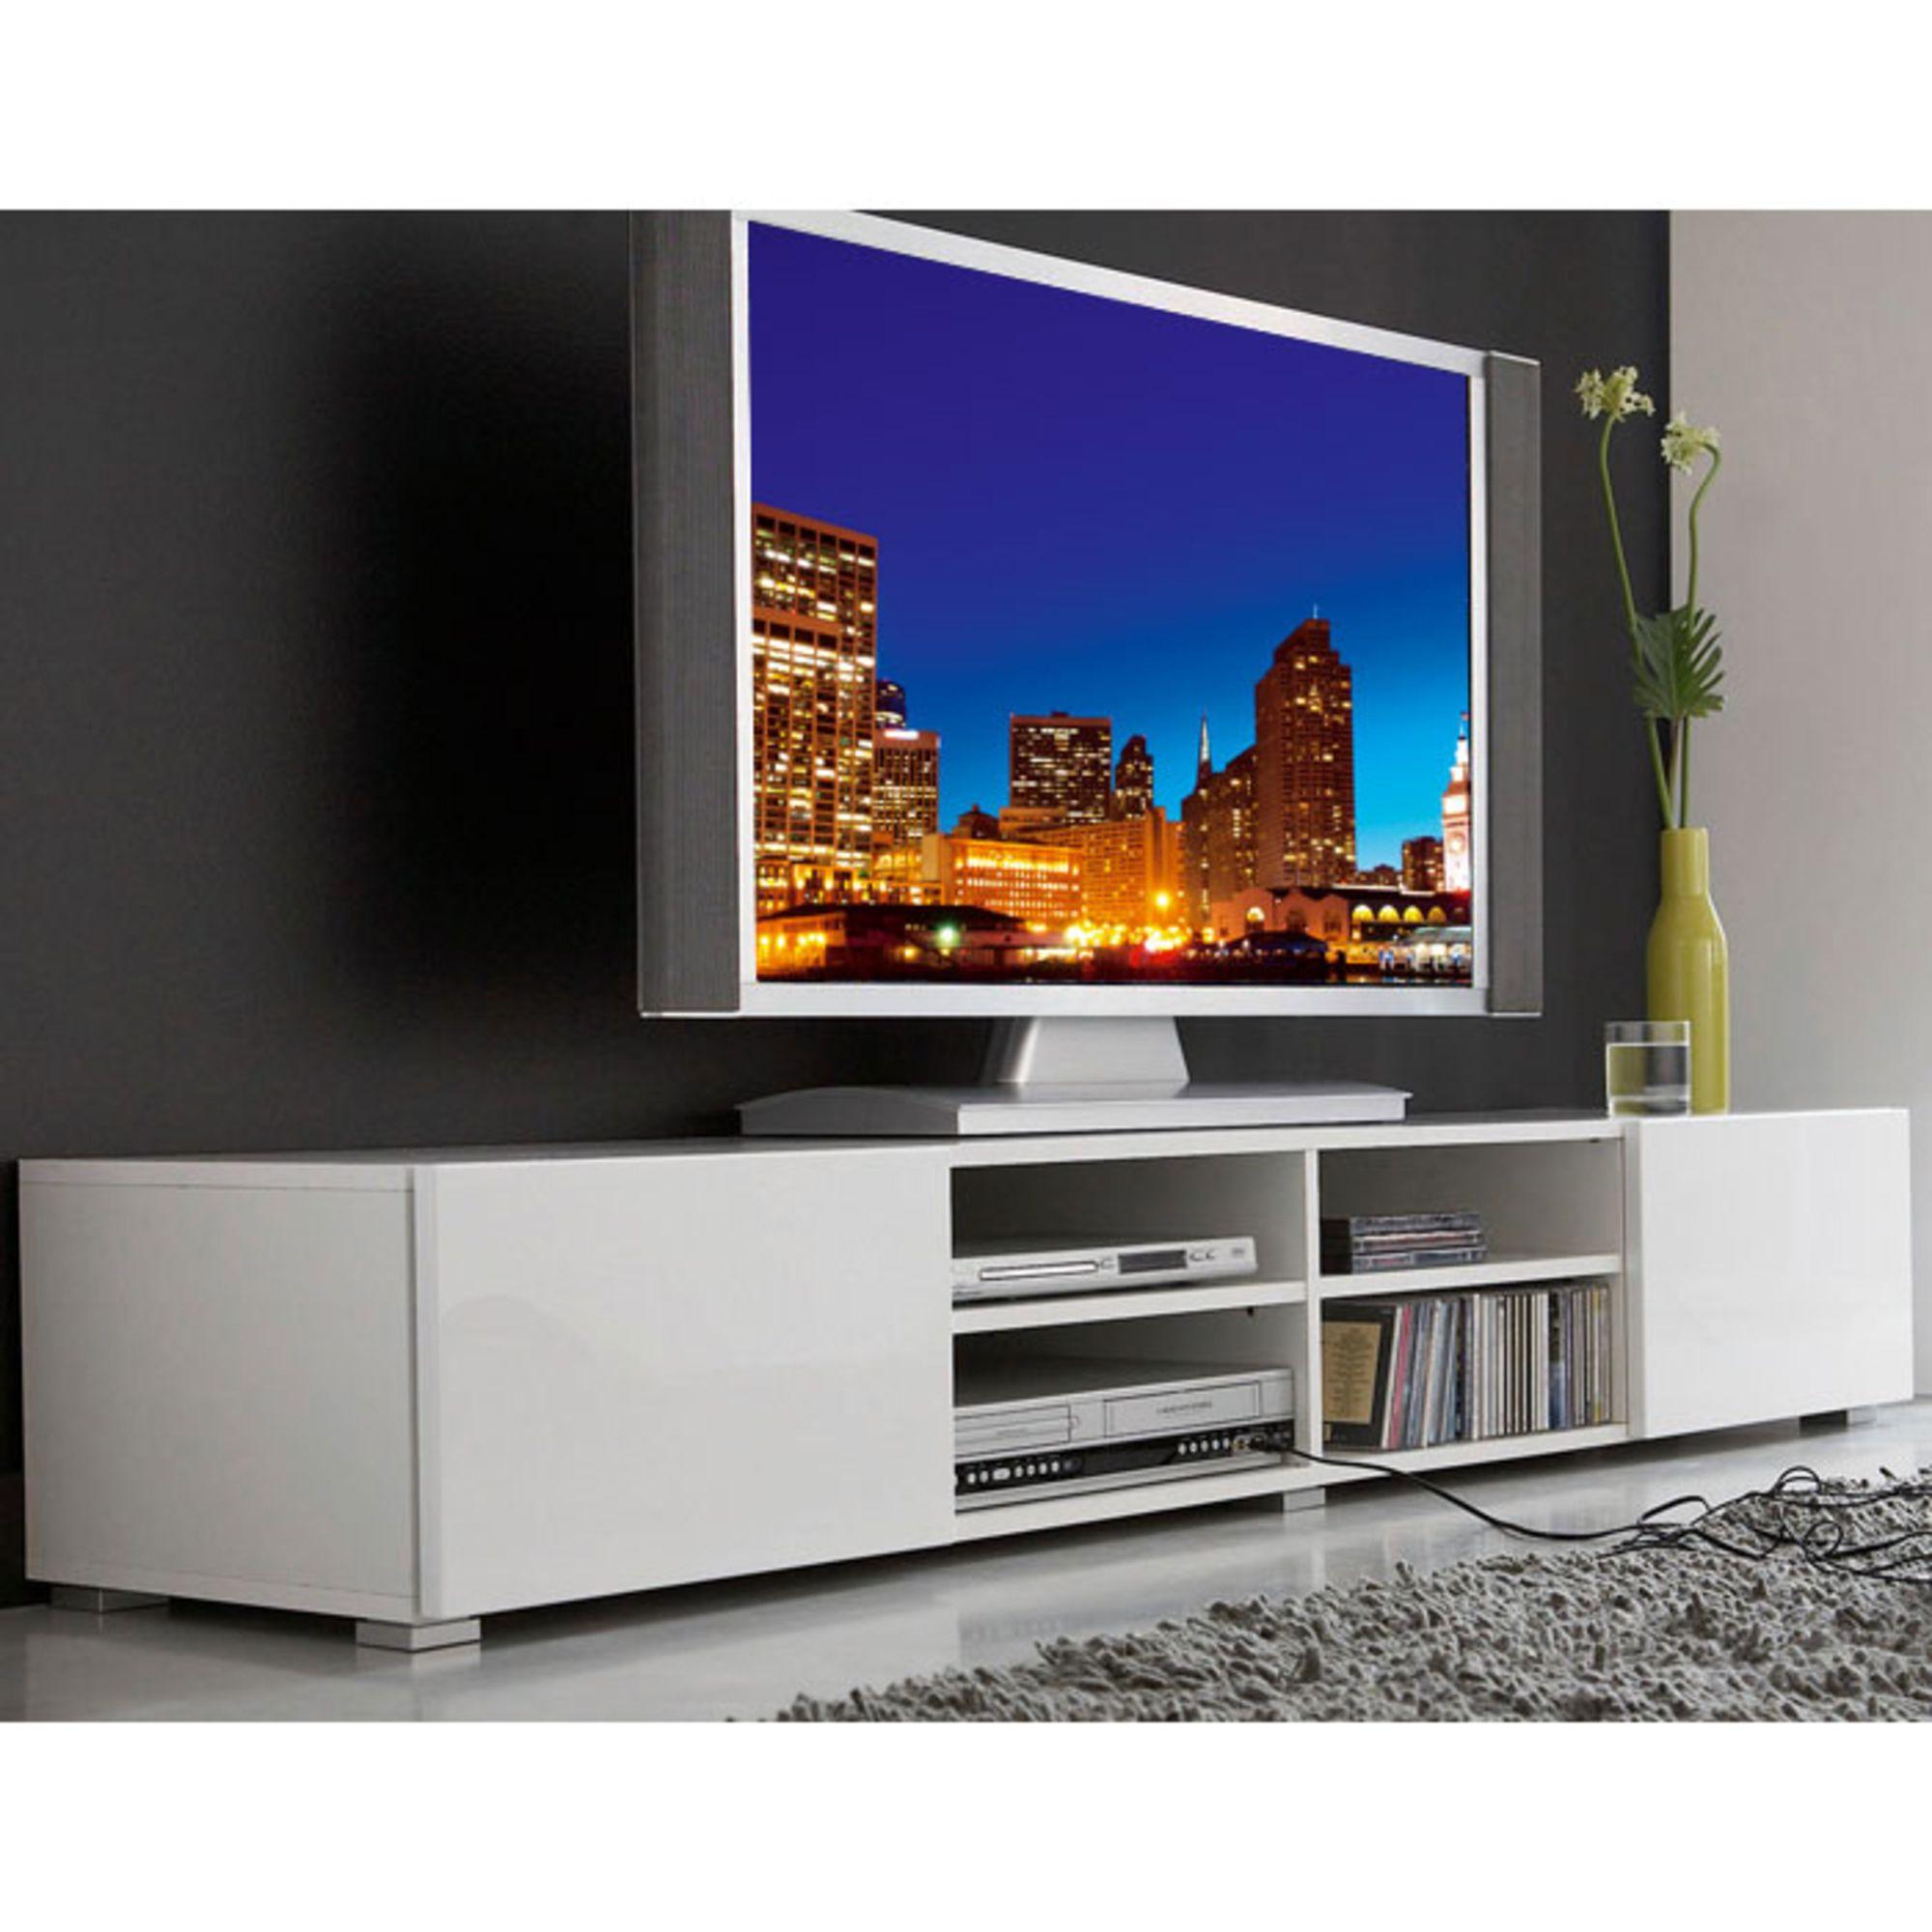 meuble tv 4 niches 2 tiroirs magnus blanc prix promo la maison de valerie 137